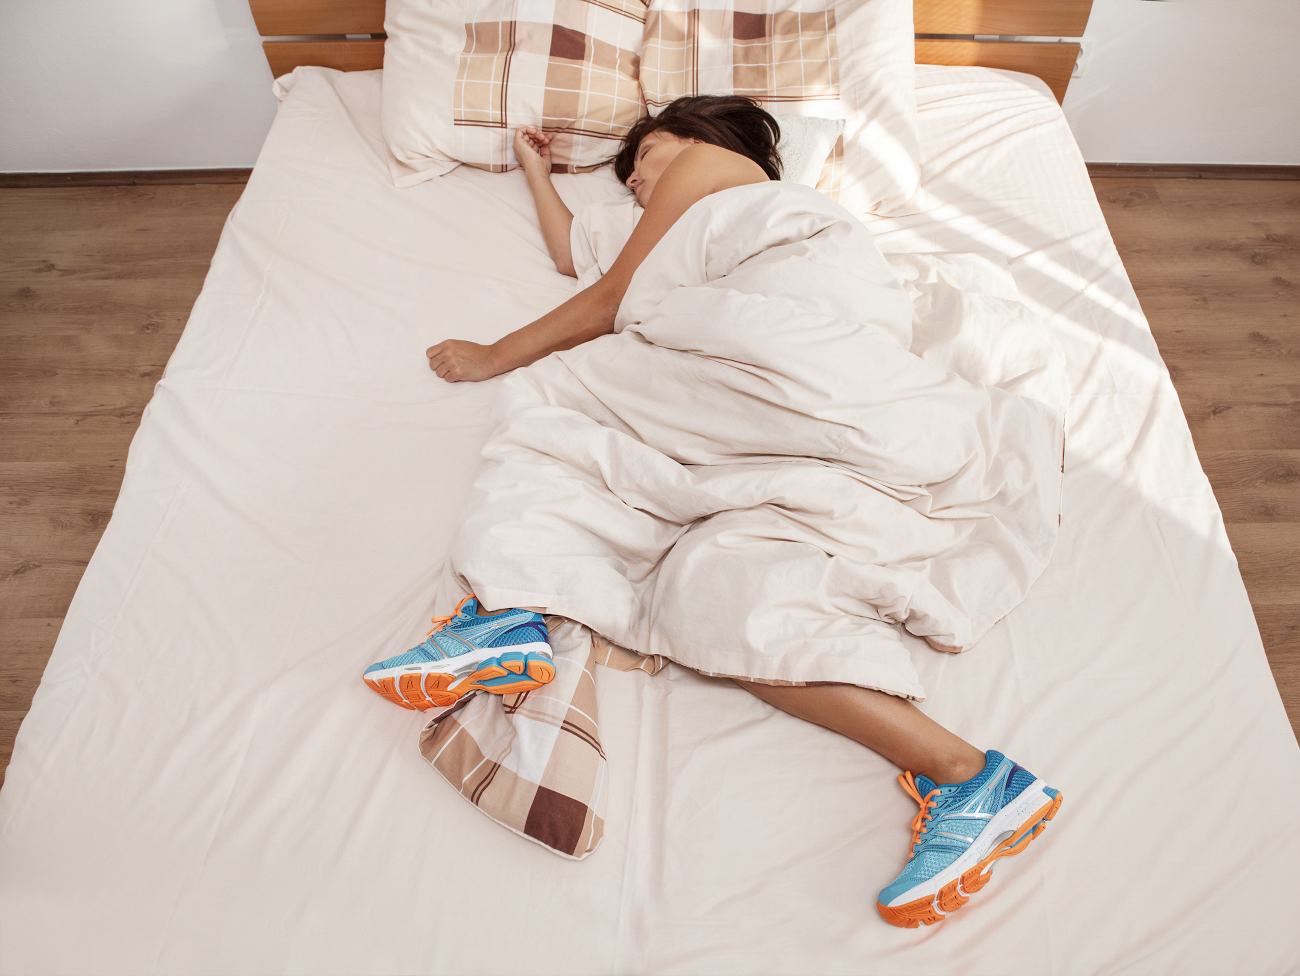 κοπέλα κοιμάται με αθλητικά παπούτσια